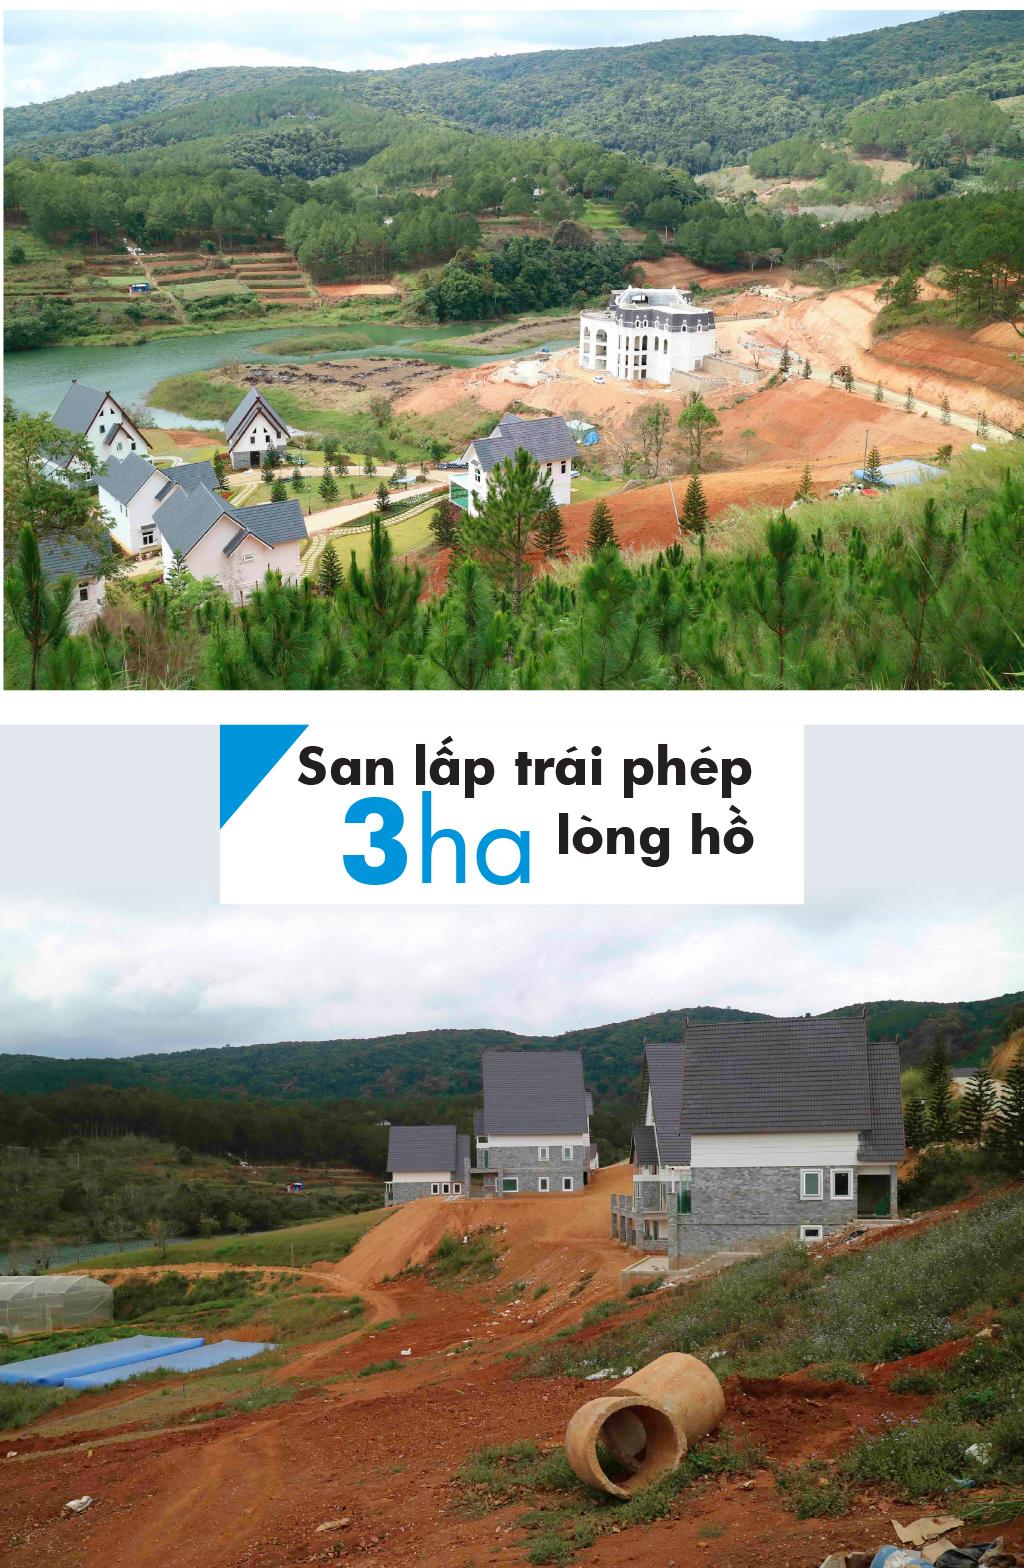 Di tích thắng cảnh quốc gia hồ Tuyền Lâm bị xâm hại như thế nào? ảnh 10